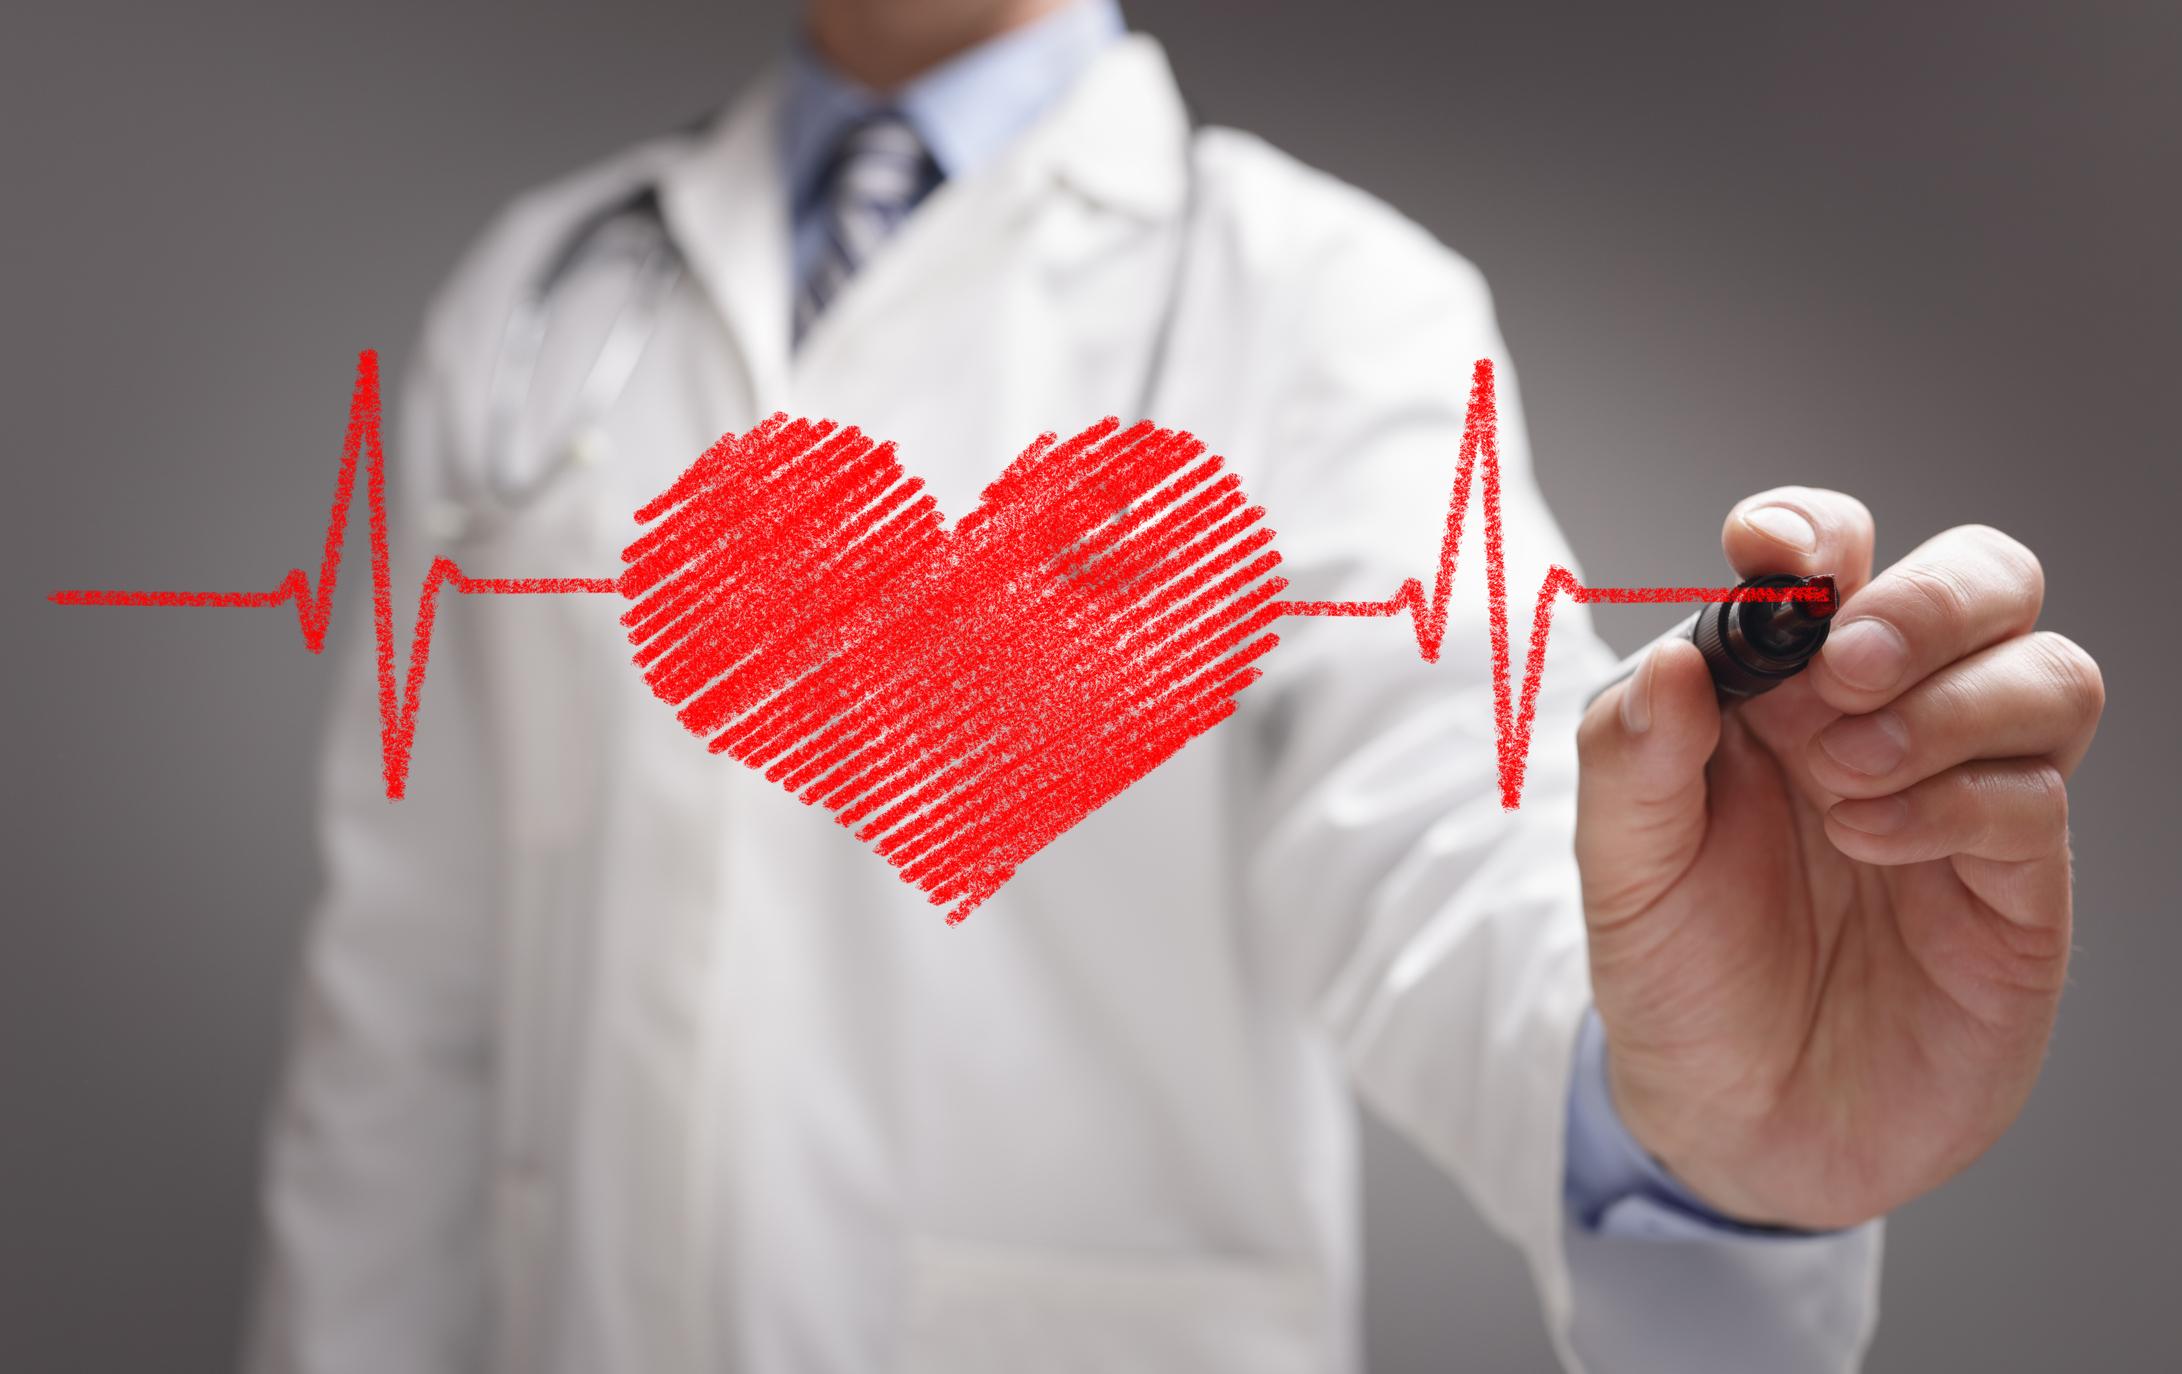 Hipertensão, inimigo silencioso – como prevenir e combater